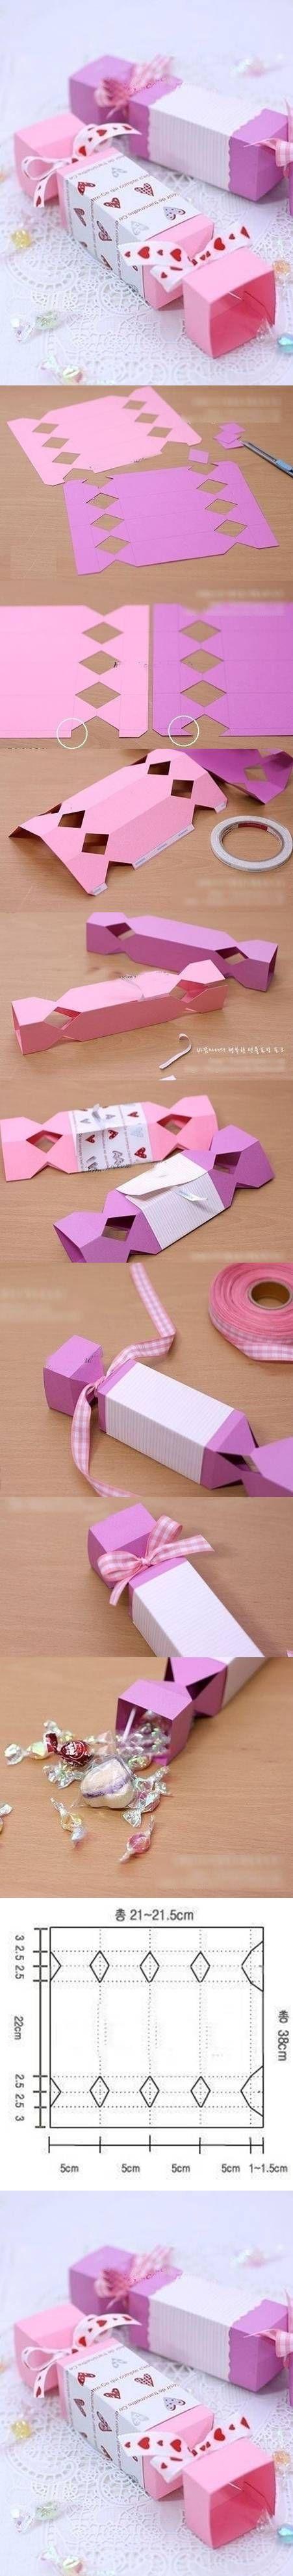 DIY Cute Candy Gift Box girly cute pink diy diy ideas diy crafts do it yourself crafty candy gift box